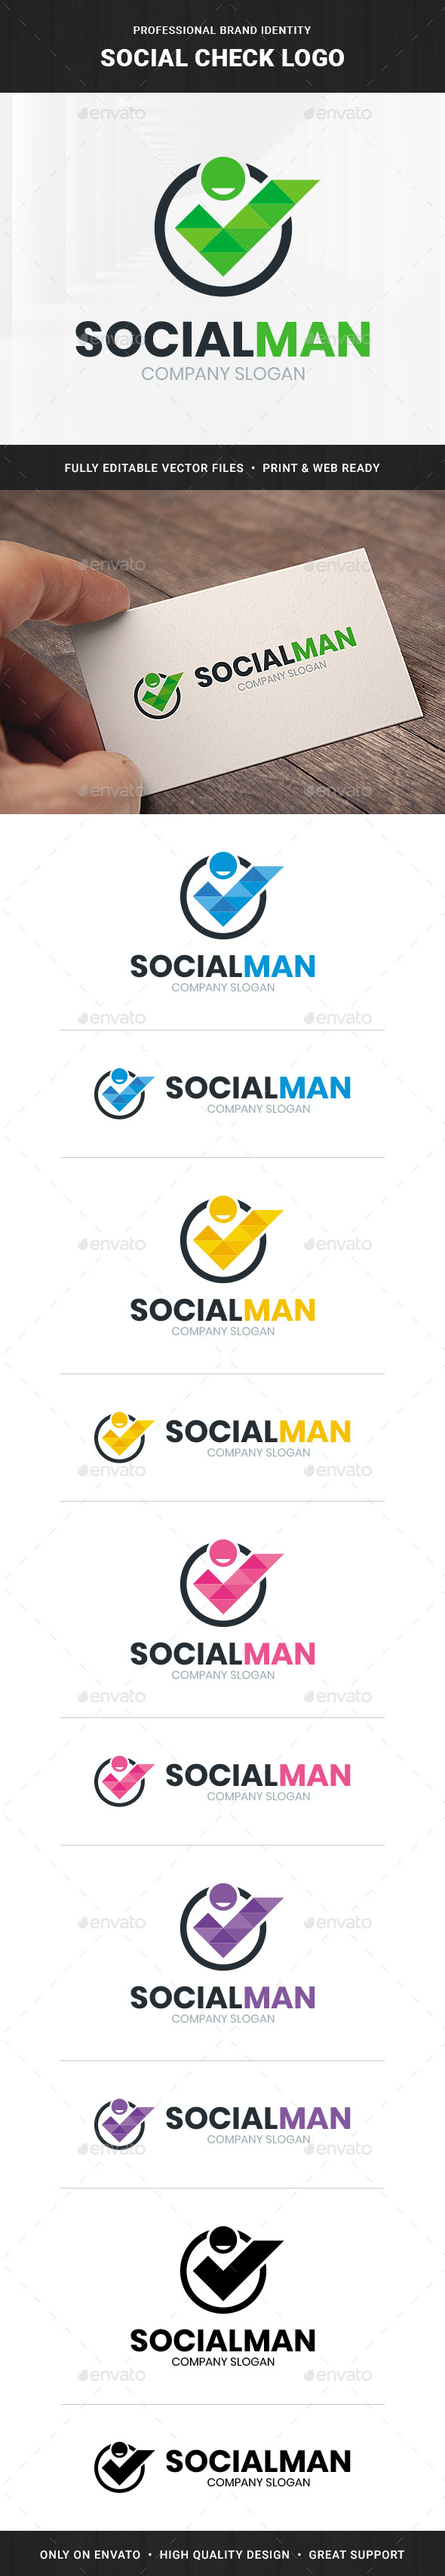 Social Check Logo Template